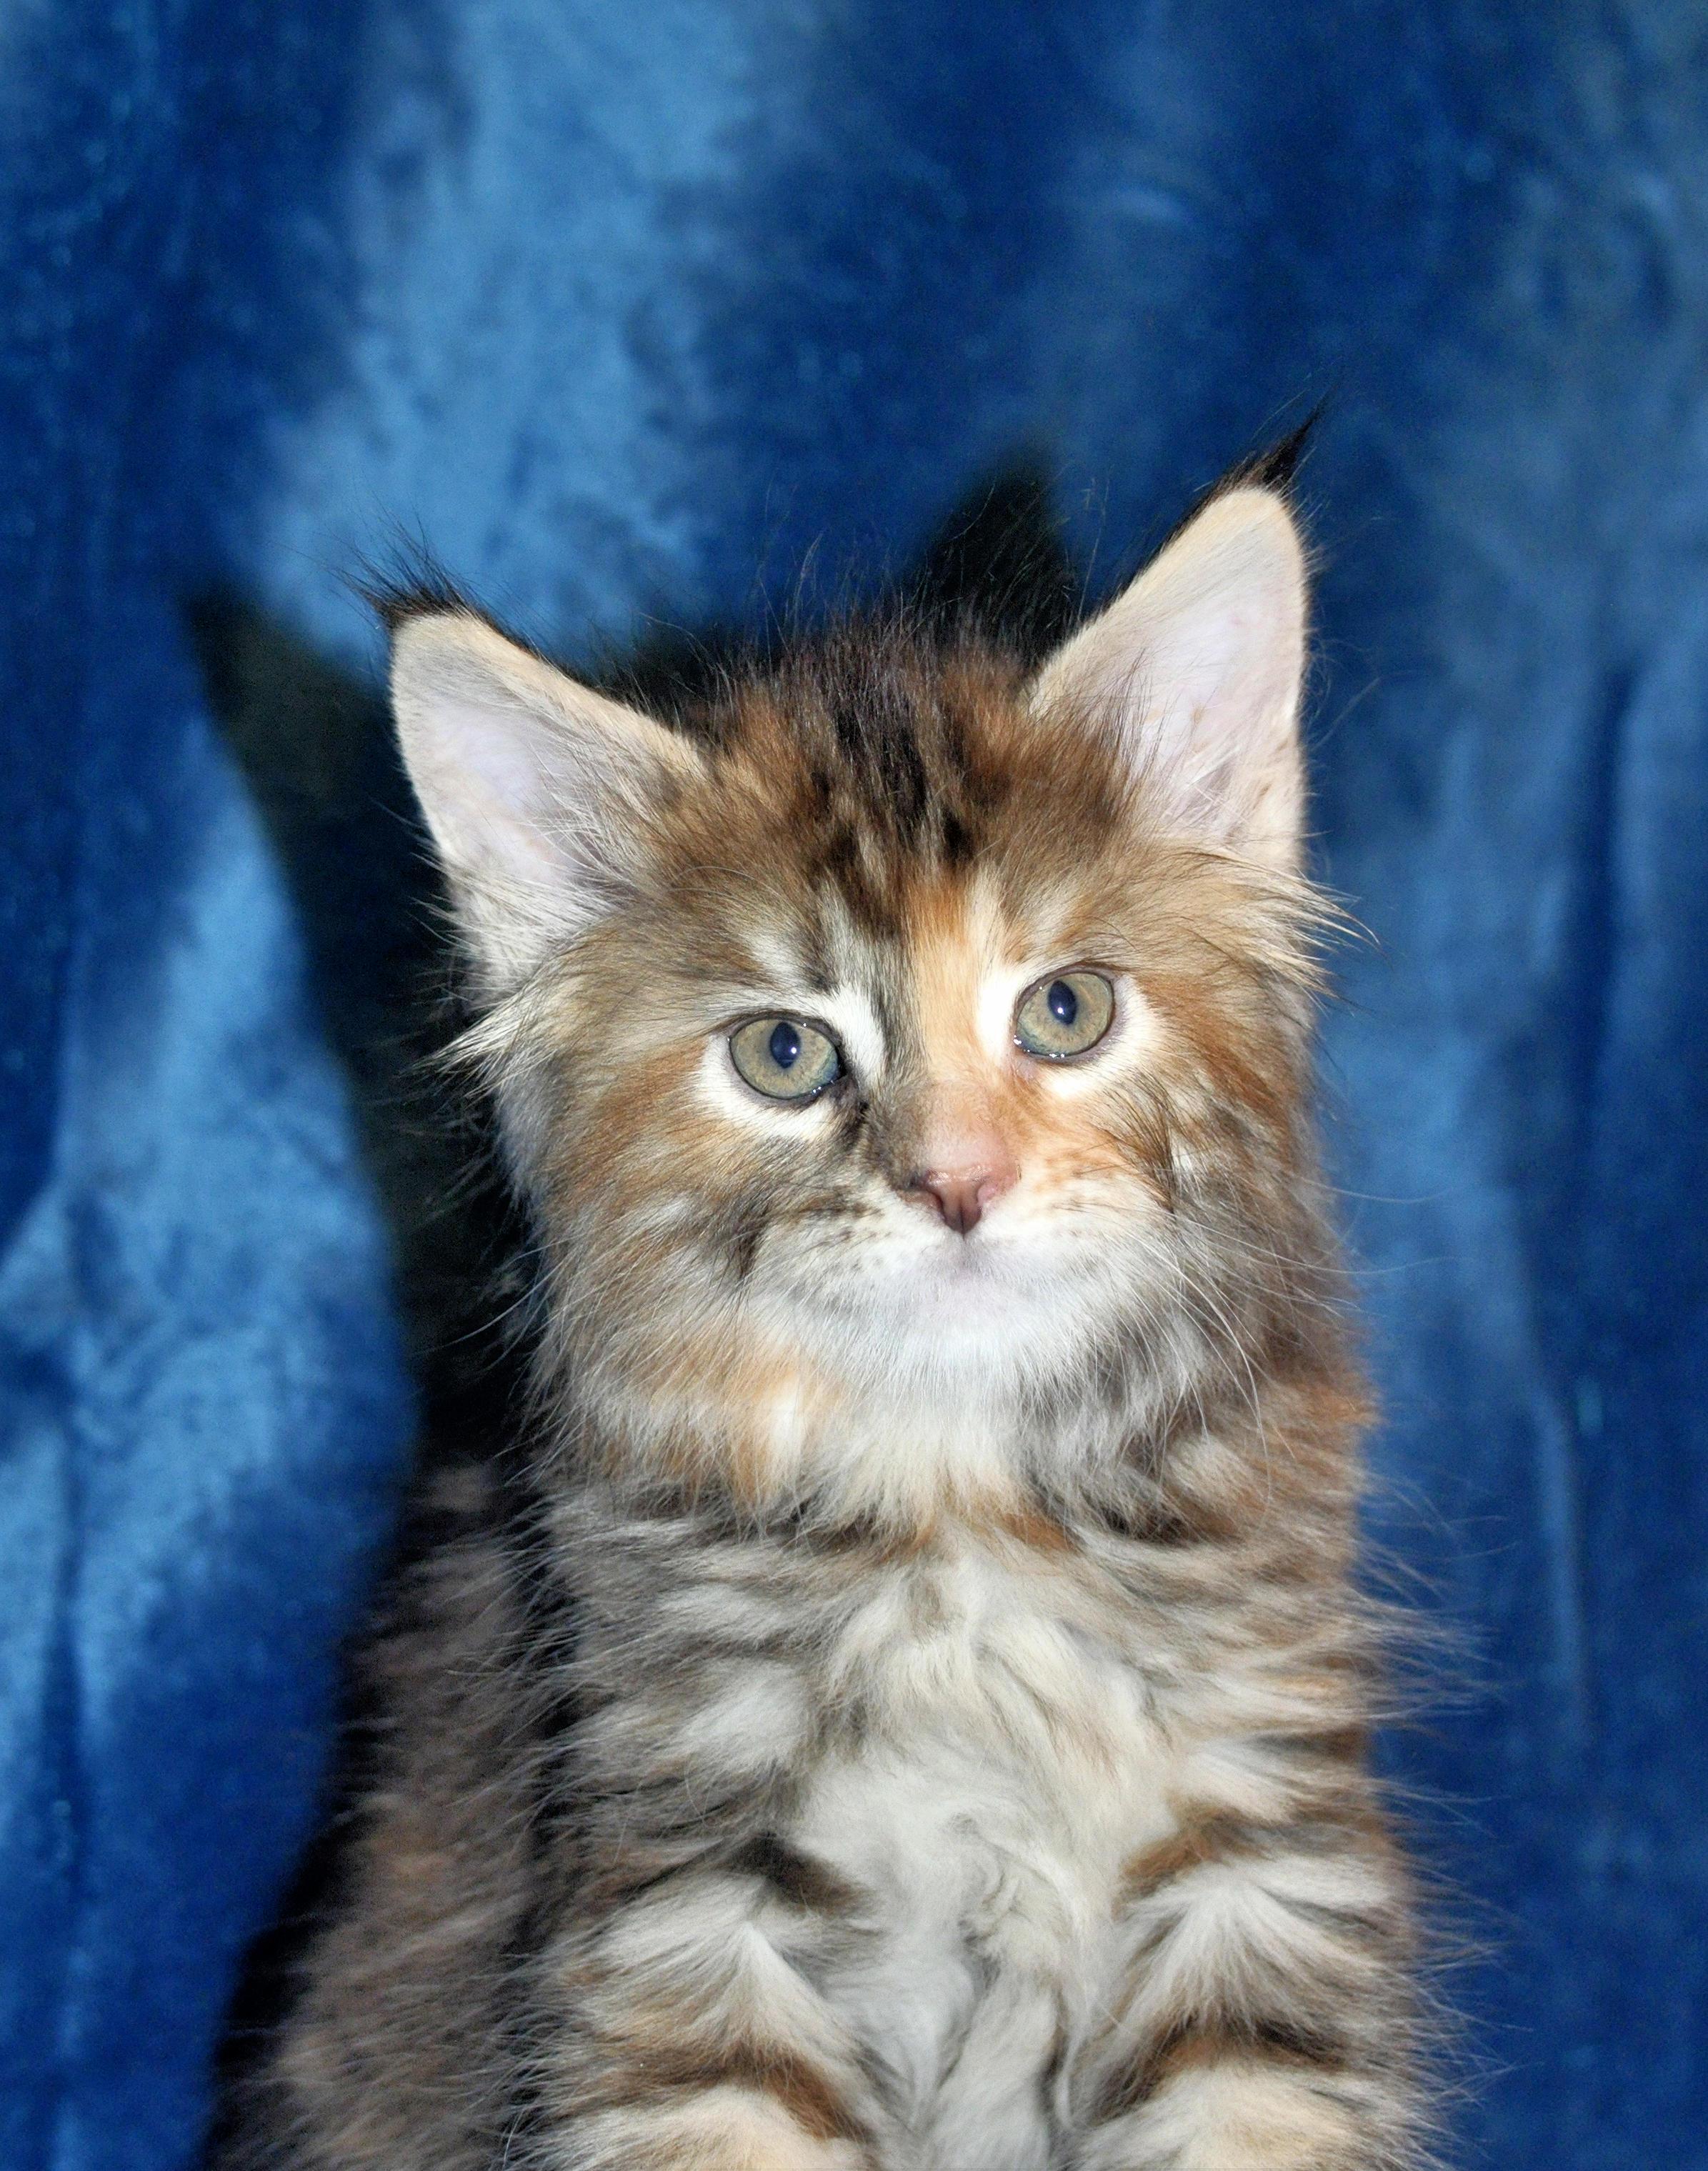 Kocięta Maine Coon Kittens